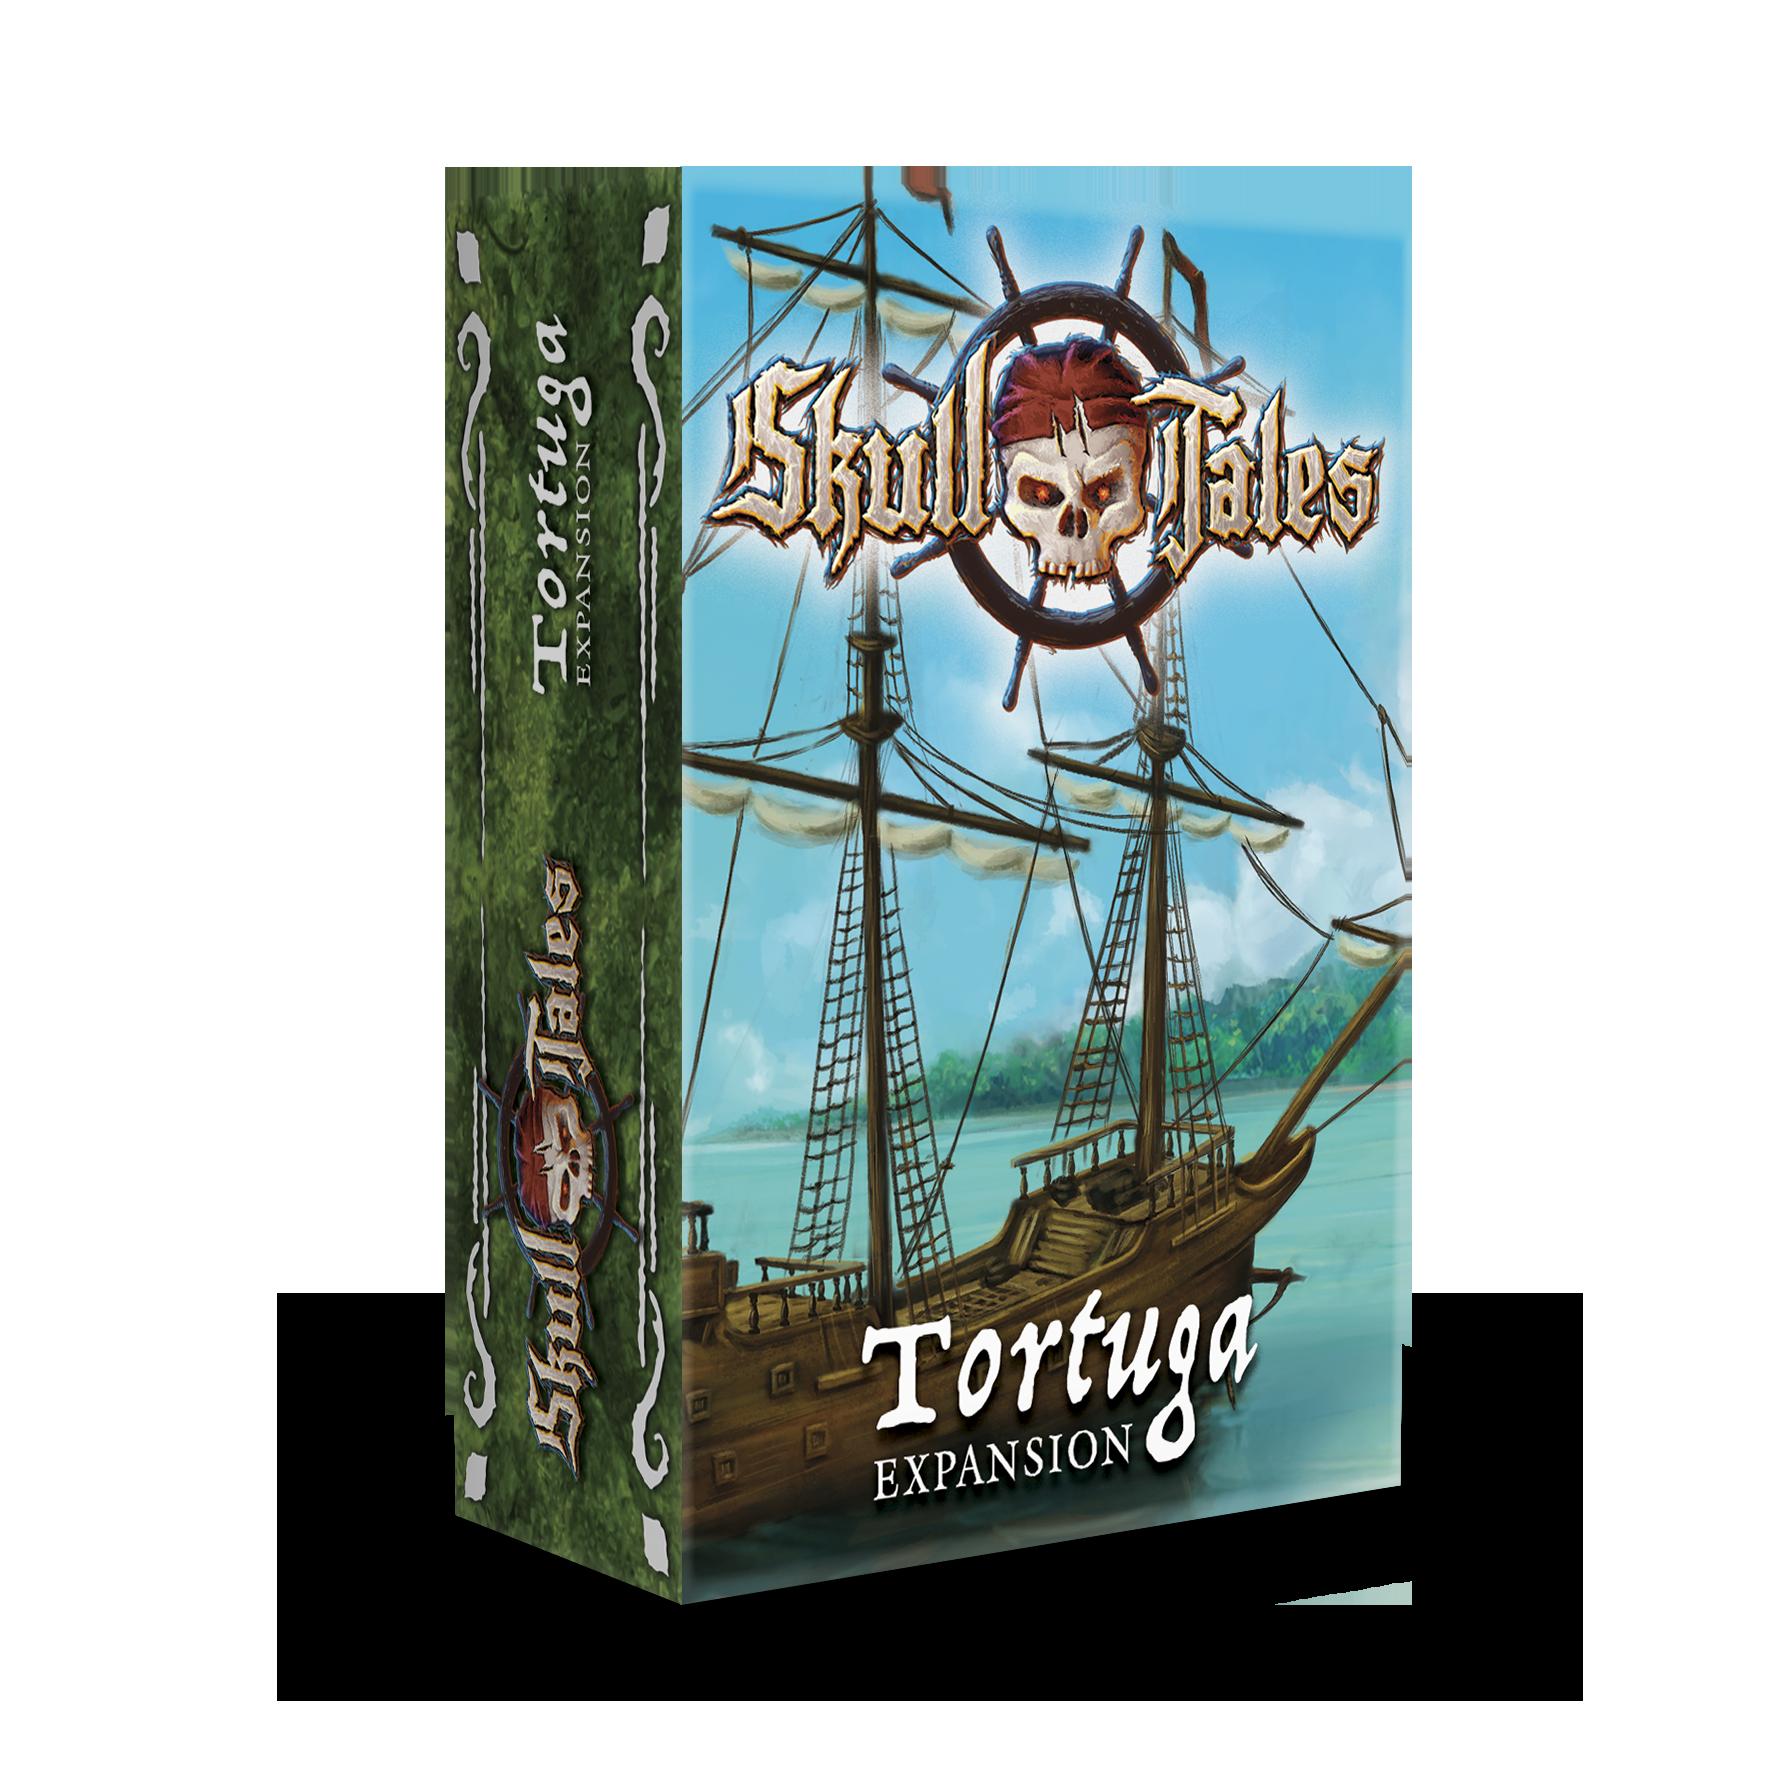 Expansión Tortuga Skull Tales